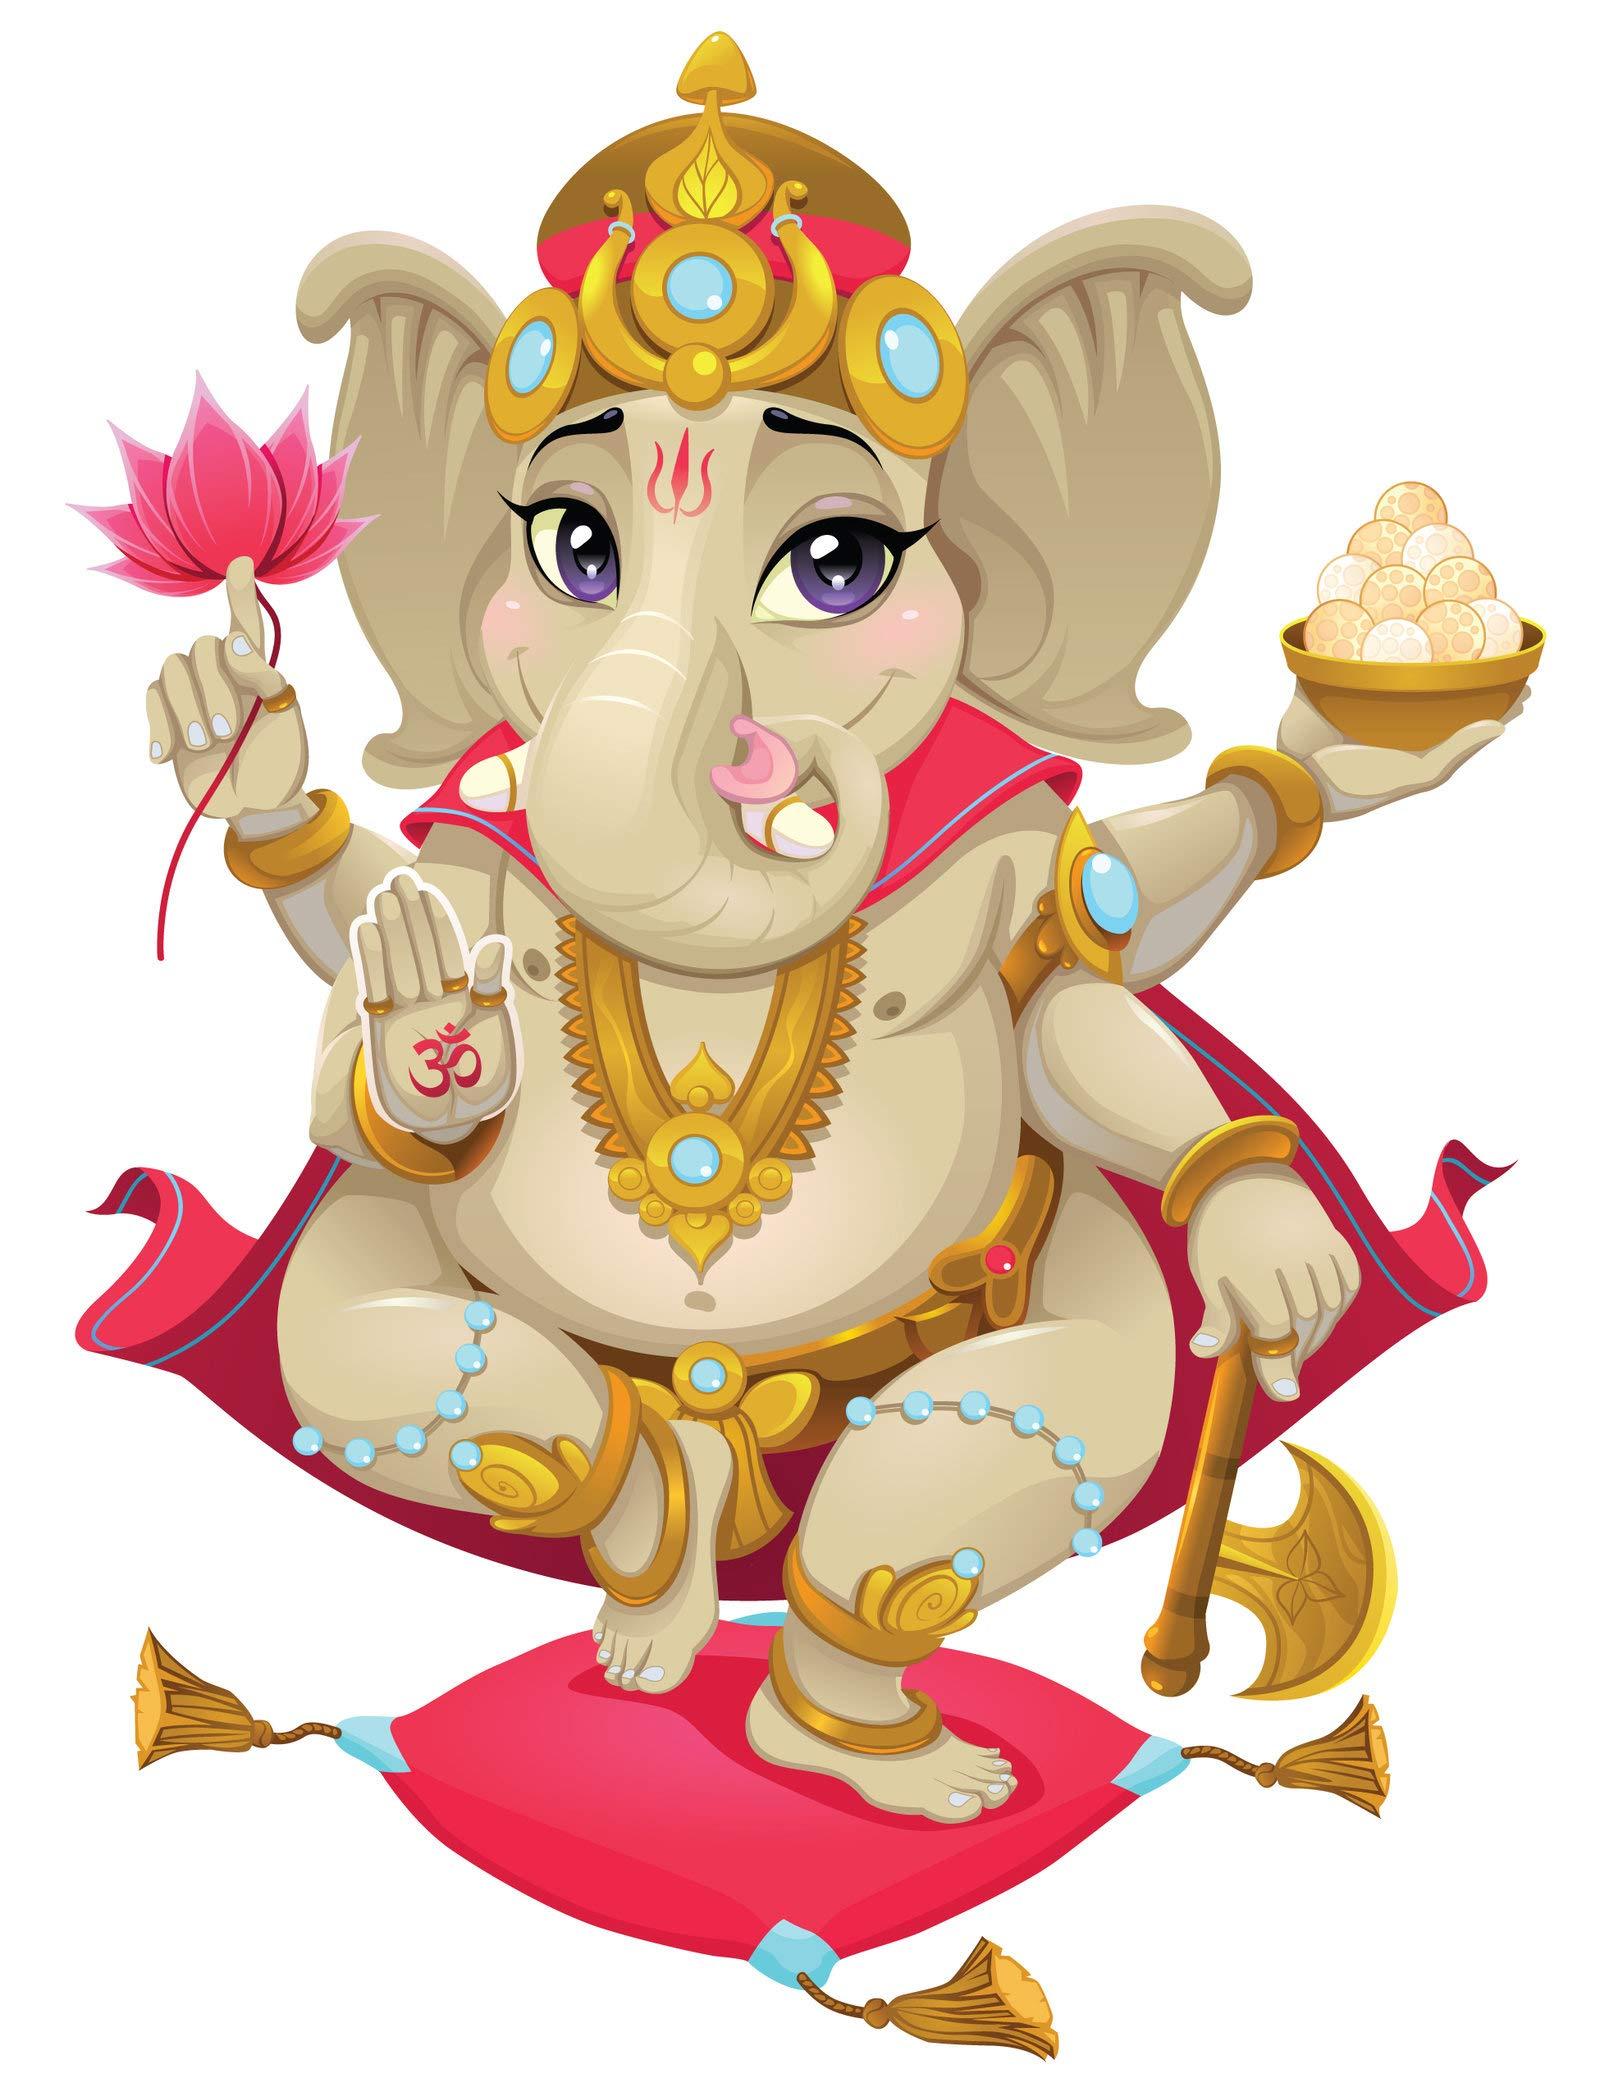 Frankies Cajun Customs Cute Ganesh Hindu God Vinyl Decal Wall, Car, Laptop - 66 inch